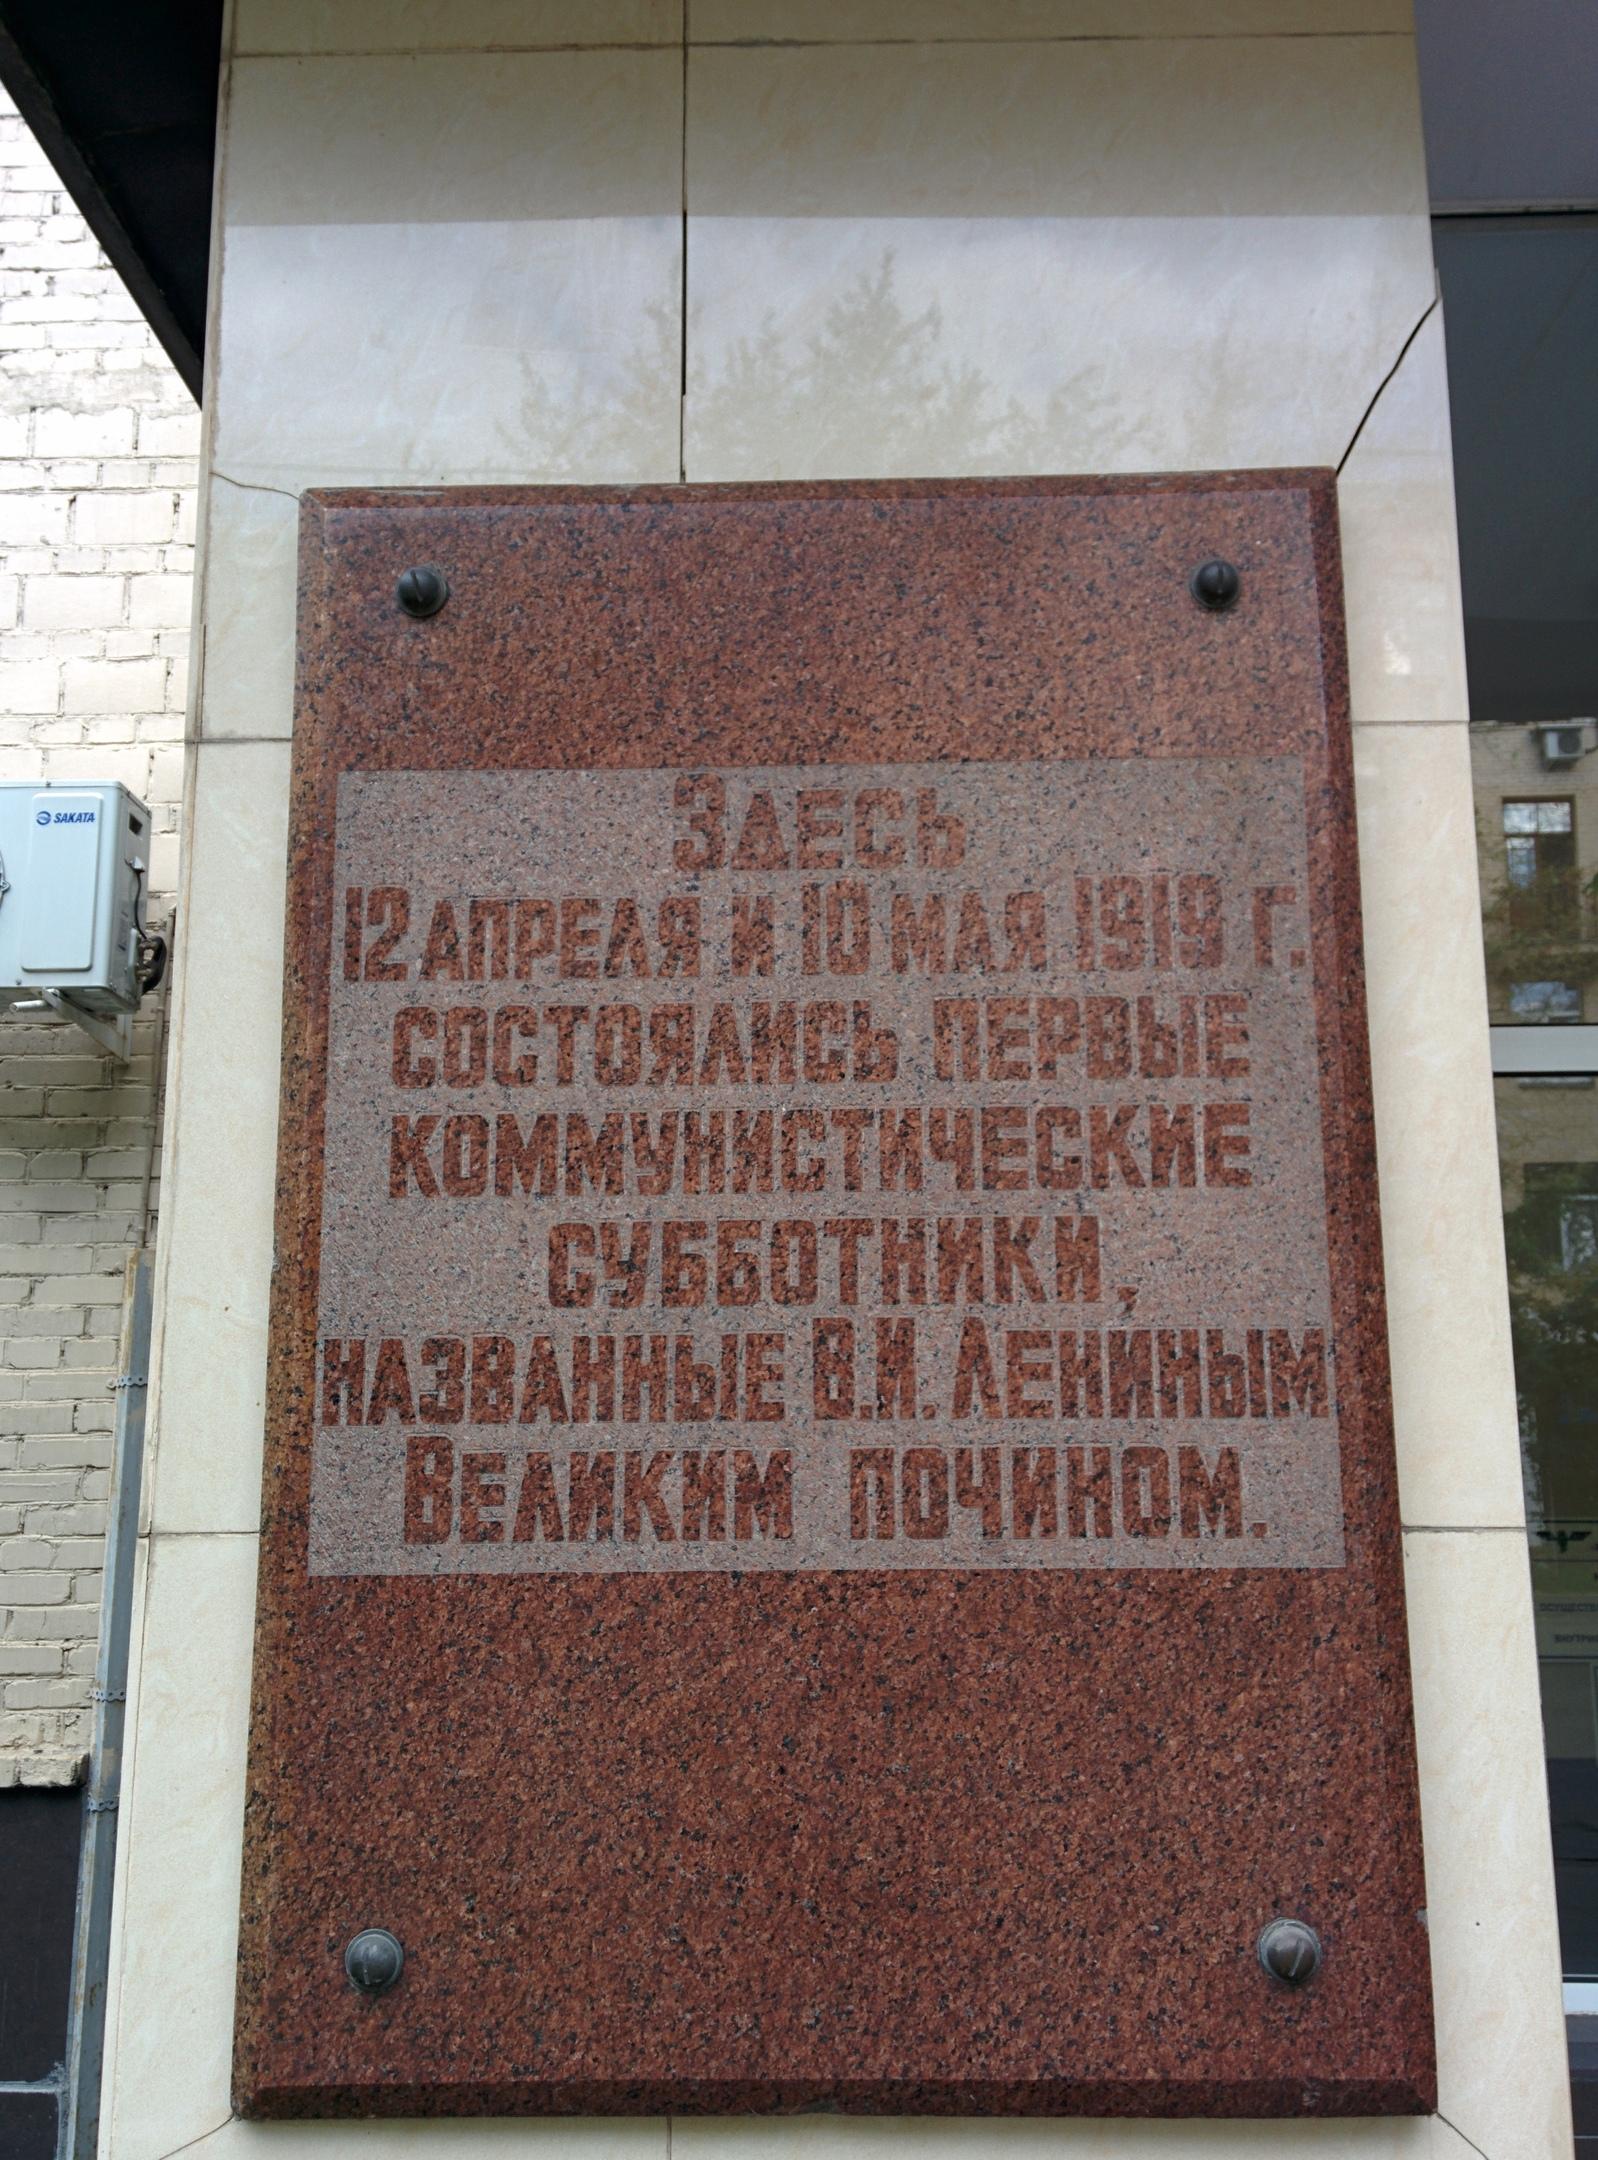 А Ленин такой молодой и бодрый! Буракова, постил, идешь, найденной, табличке, пишут, бревно, субботнике, Ленин, скульптор, сказать, хотел, Интересно, ручищей, истукан, серебряный, Идешь, памятник, странный, показывает